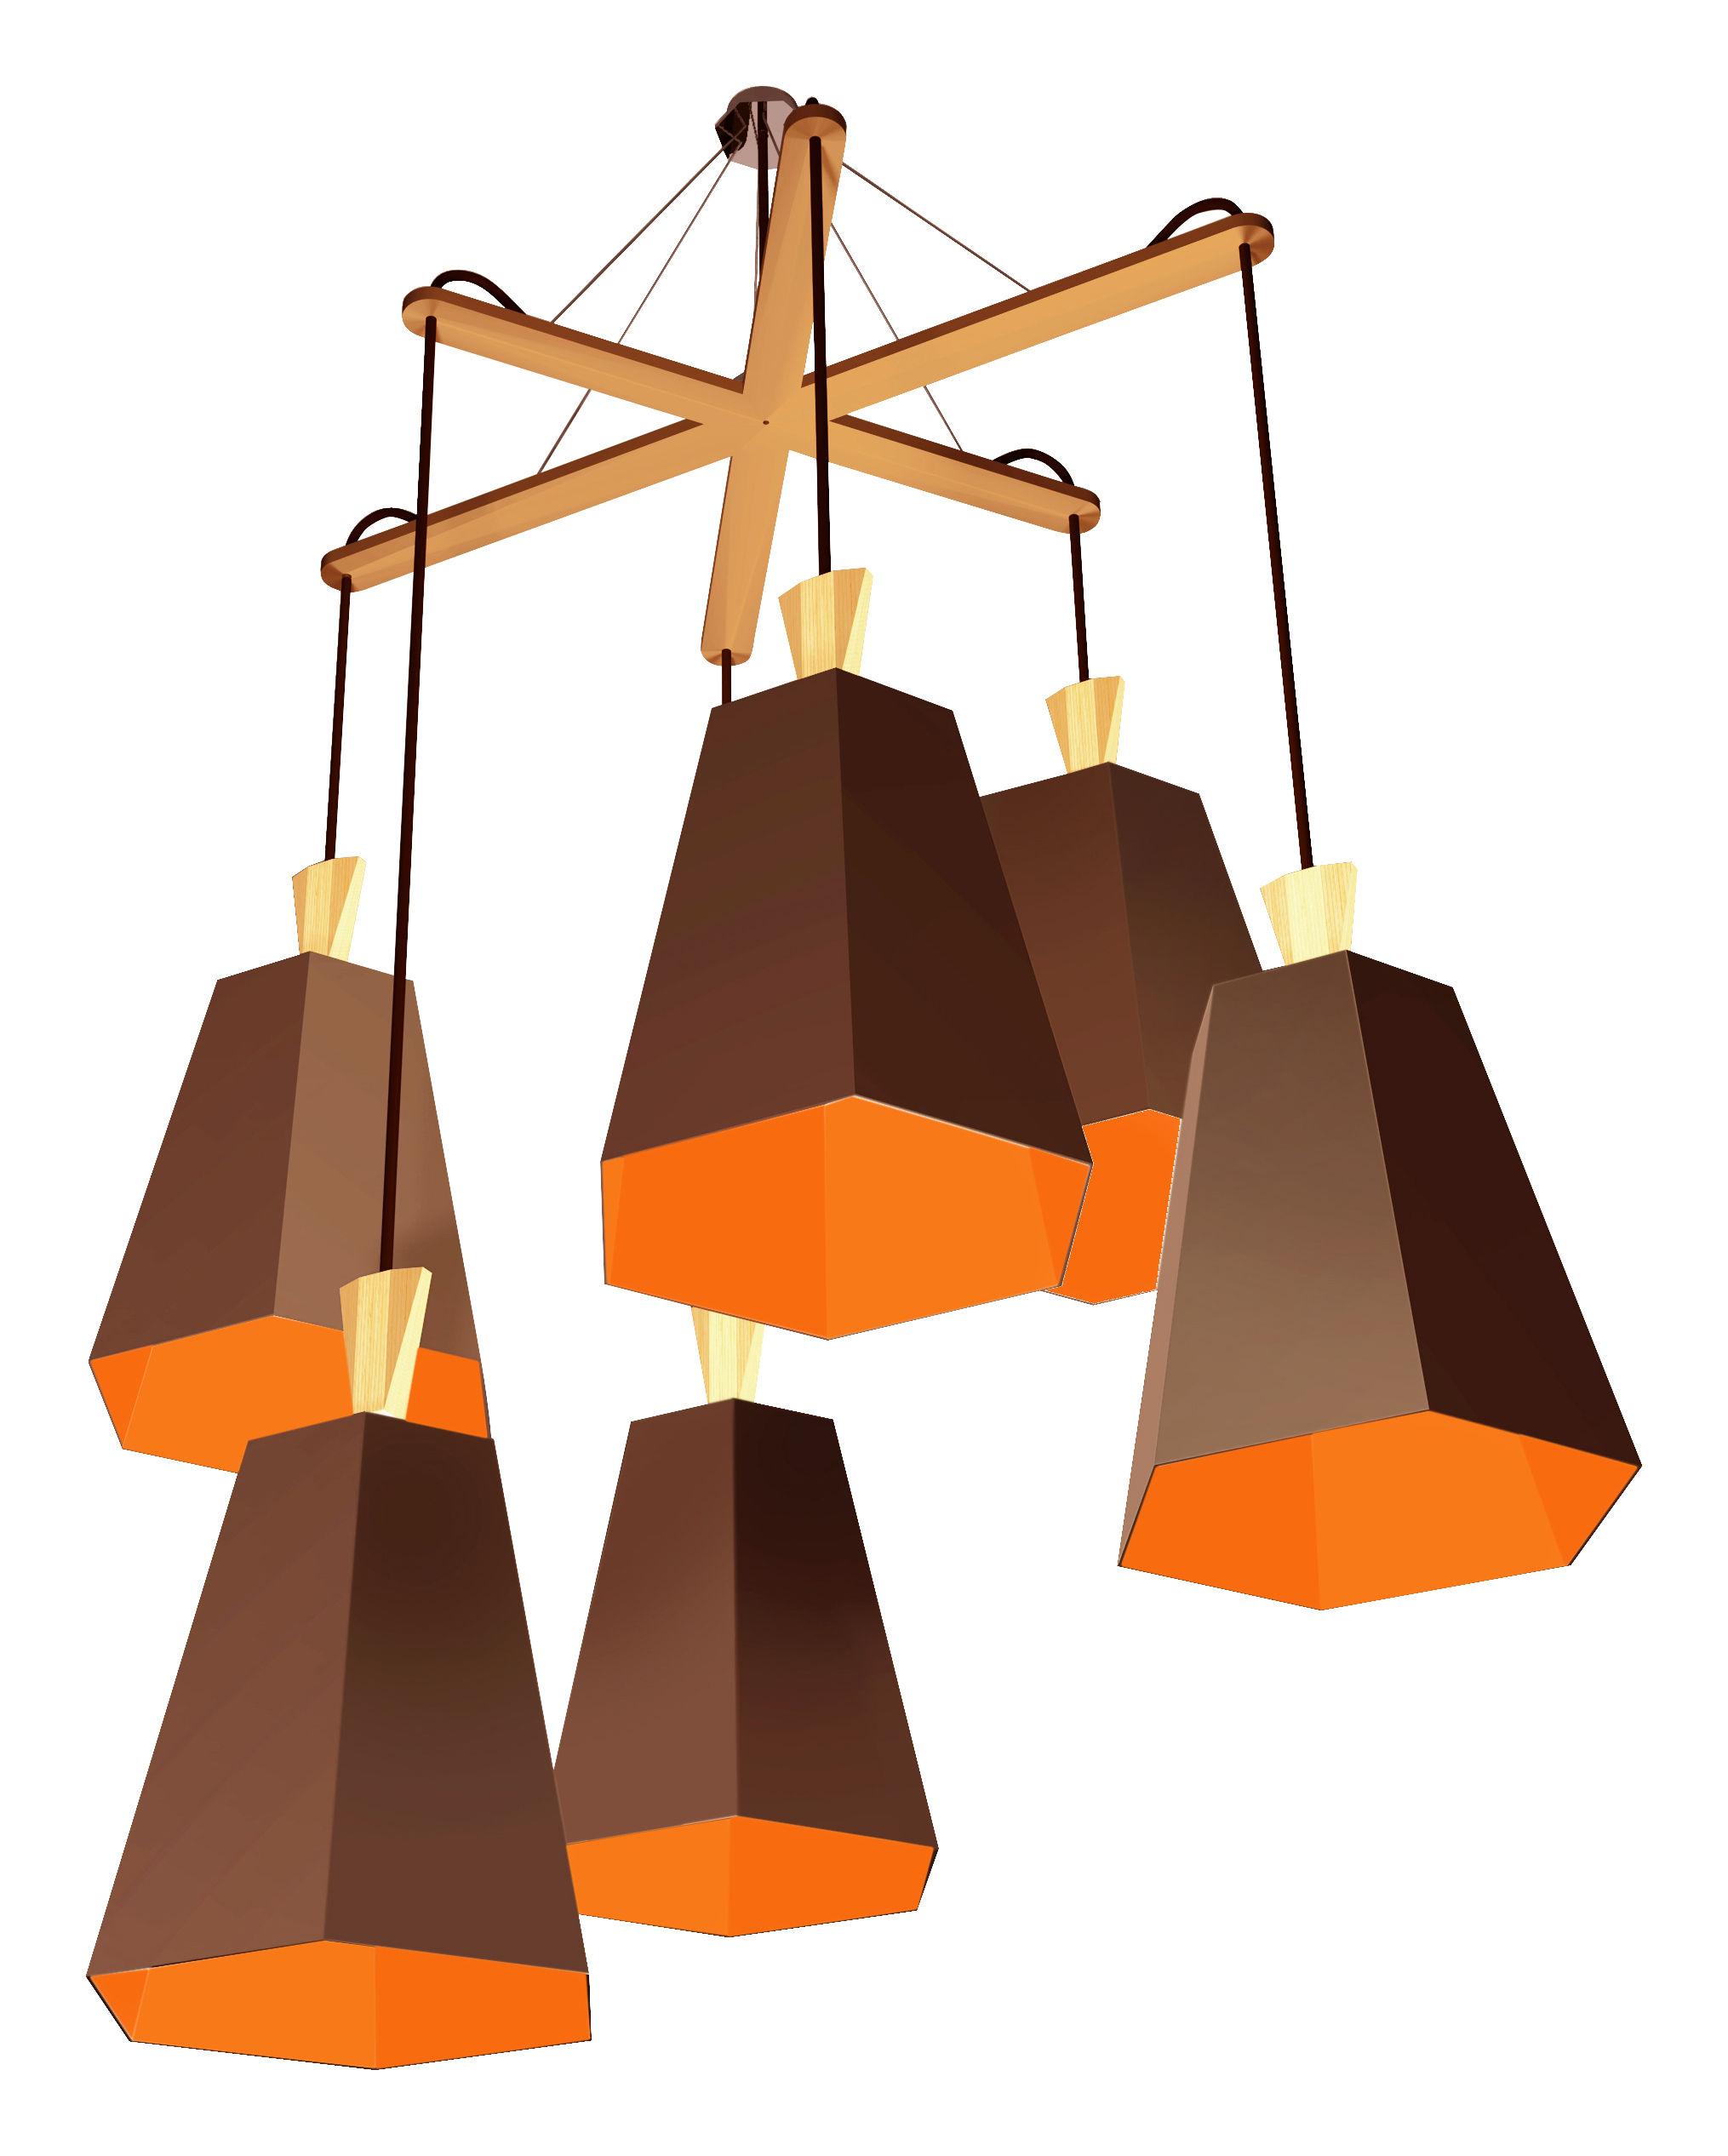 Luminaire - Suspensions - Suspension LuXiole Lustre Modèle asymétrique - Designheure - Abat-jour Marron / int. Orange - Coton, Hêtre